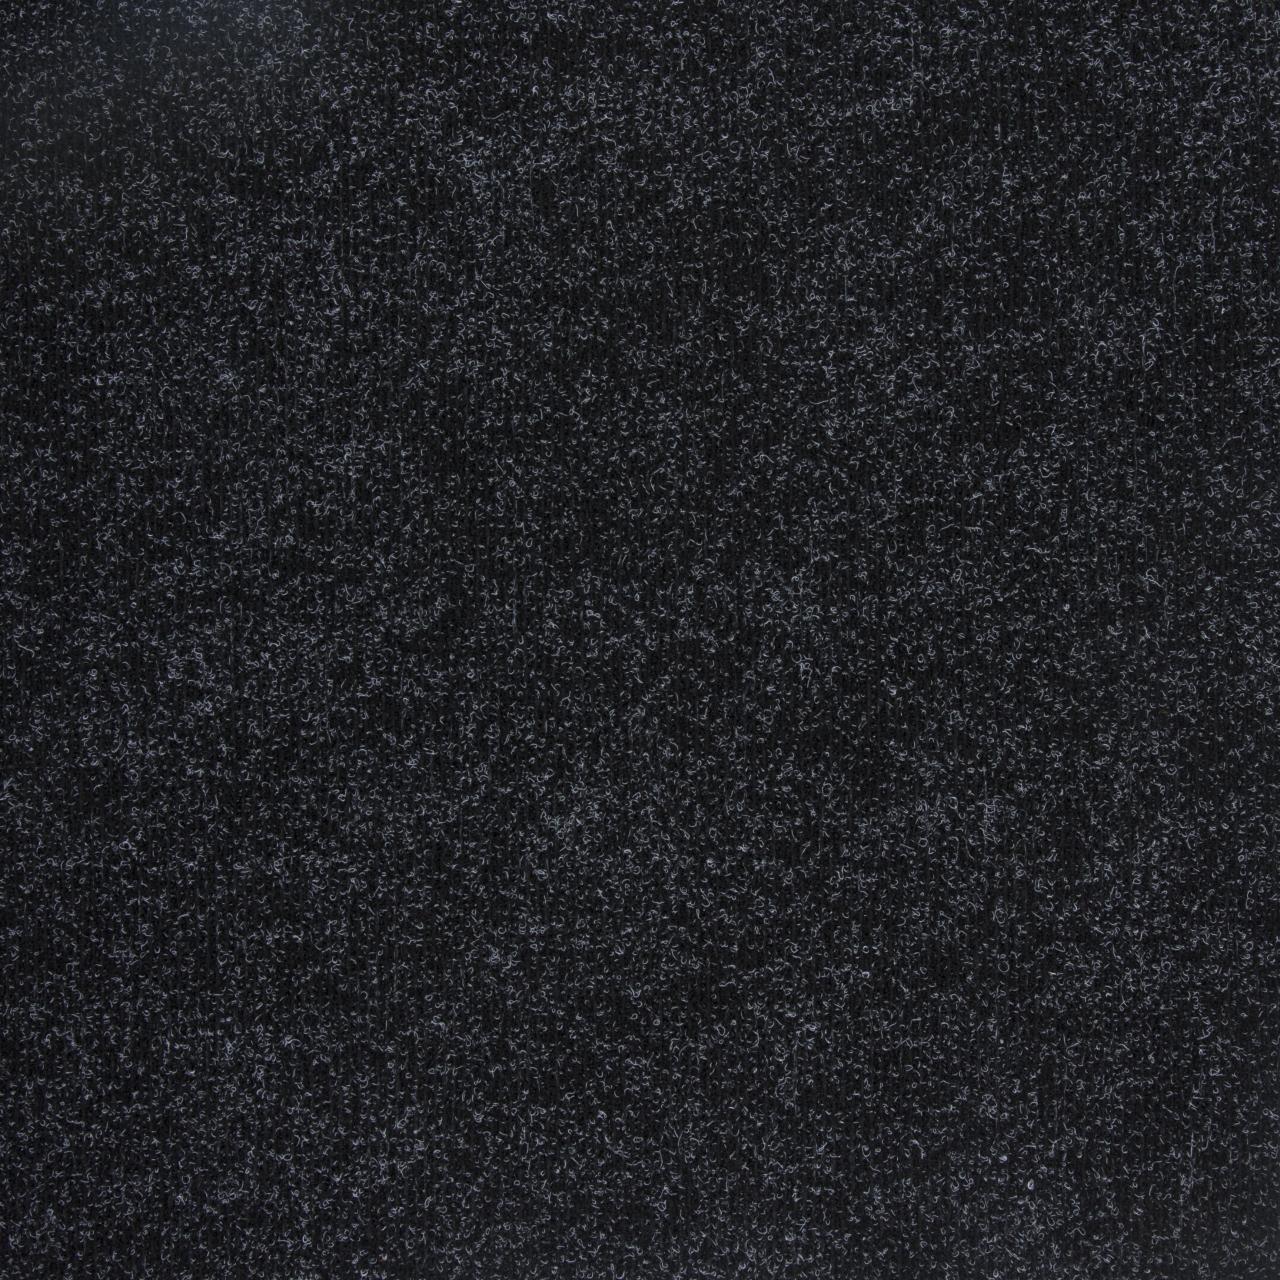 Ковровая дорожка 0923 - CHARCOAL - коллекция Varegem 3m - фото 1